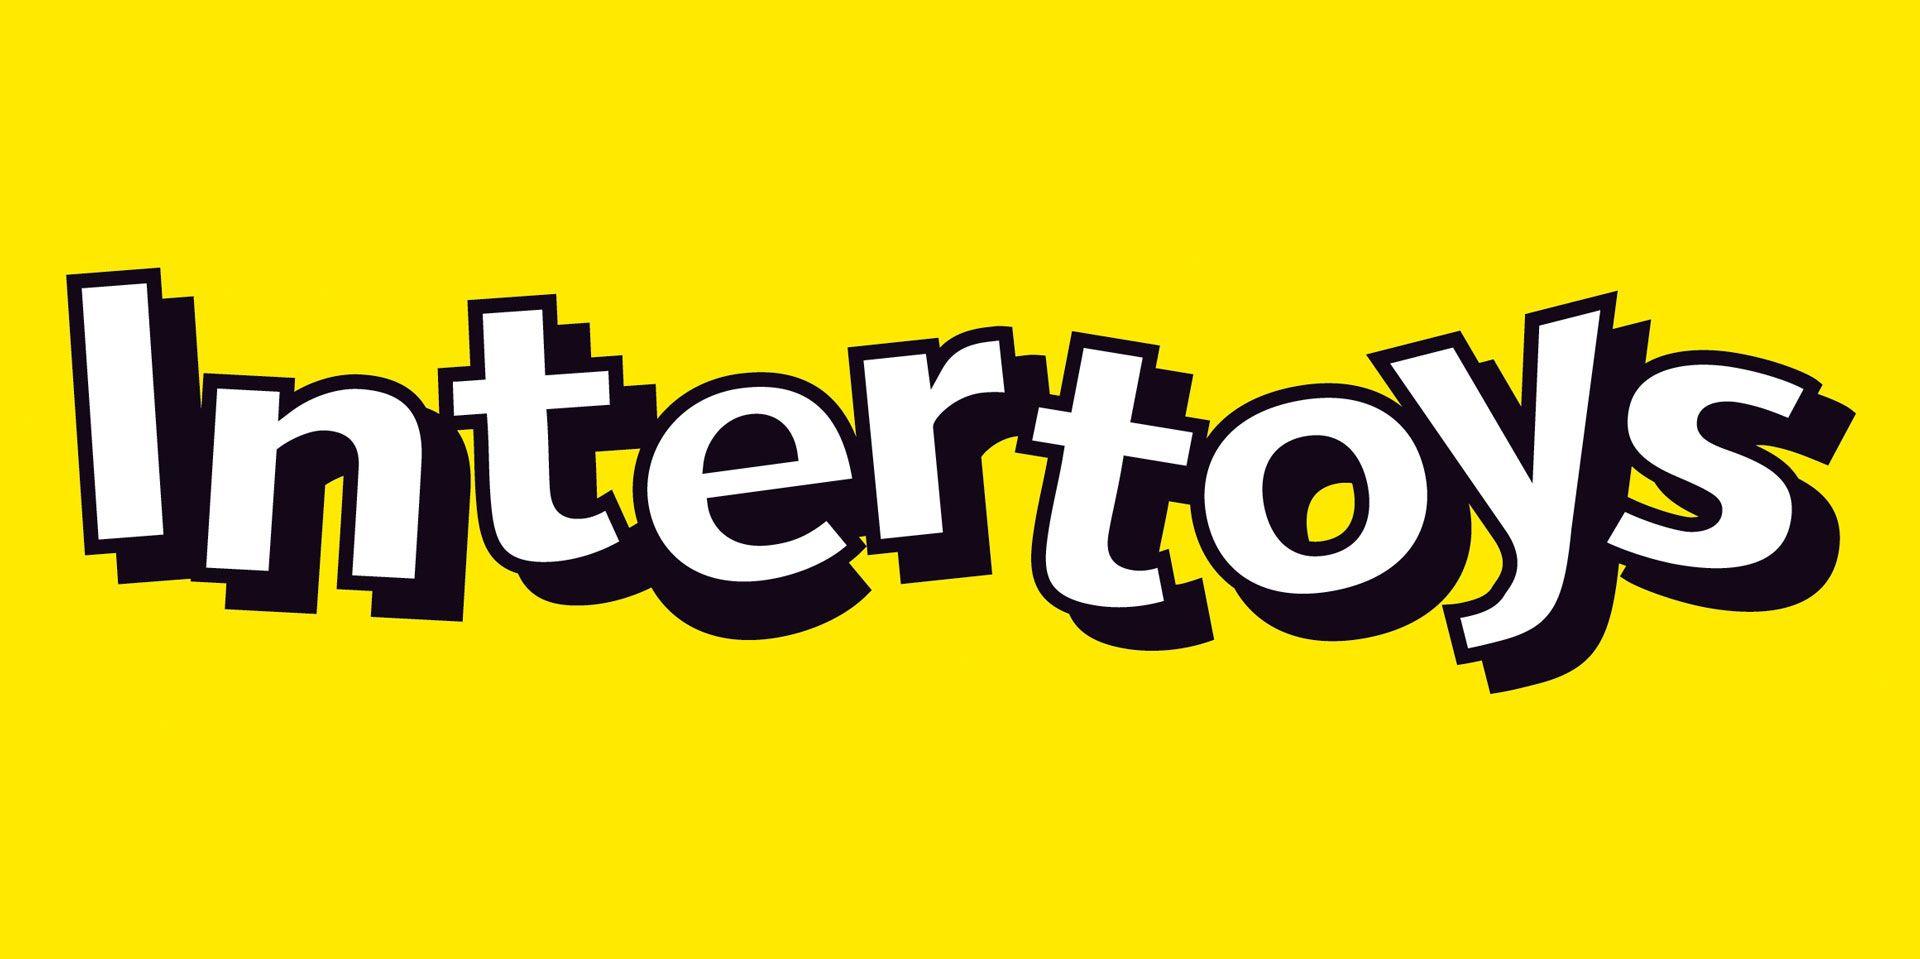 Waarschuwing: Intertoys is failliet dus vergeet niet om je cadeaukaarten te verzilveren! VANDAAG 24-02 LAATSTE DAG!(Geldt ook voor TOYS XL!)